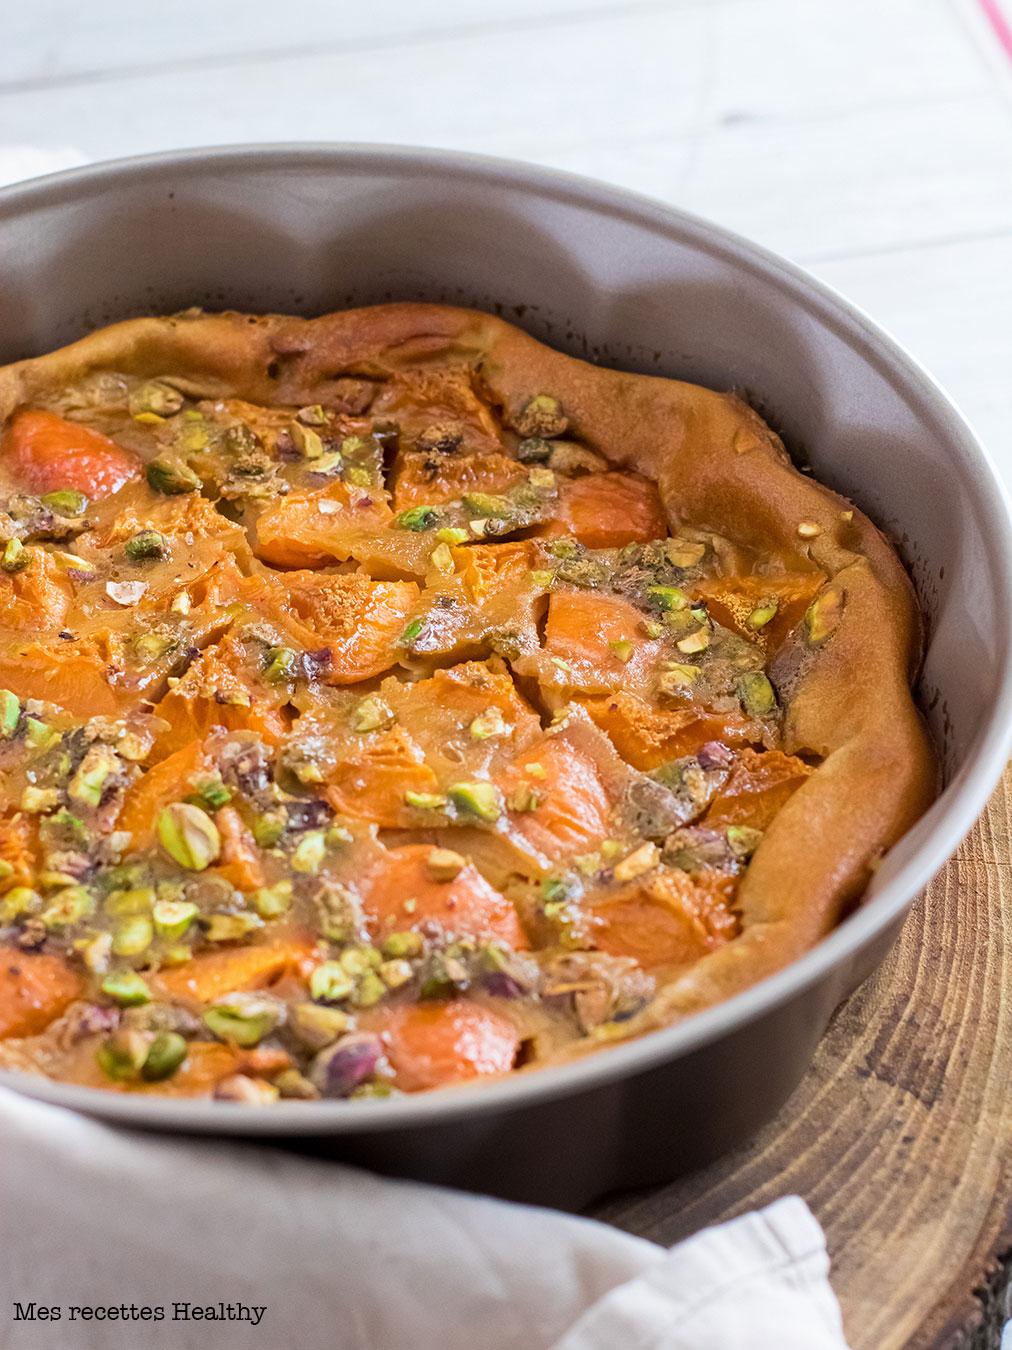 recette healthy-far aux abricots-pistache